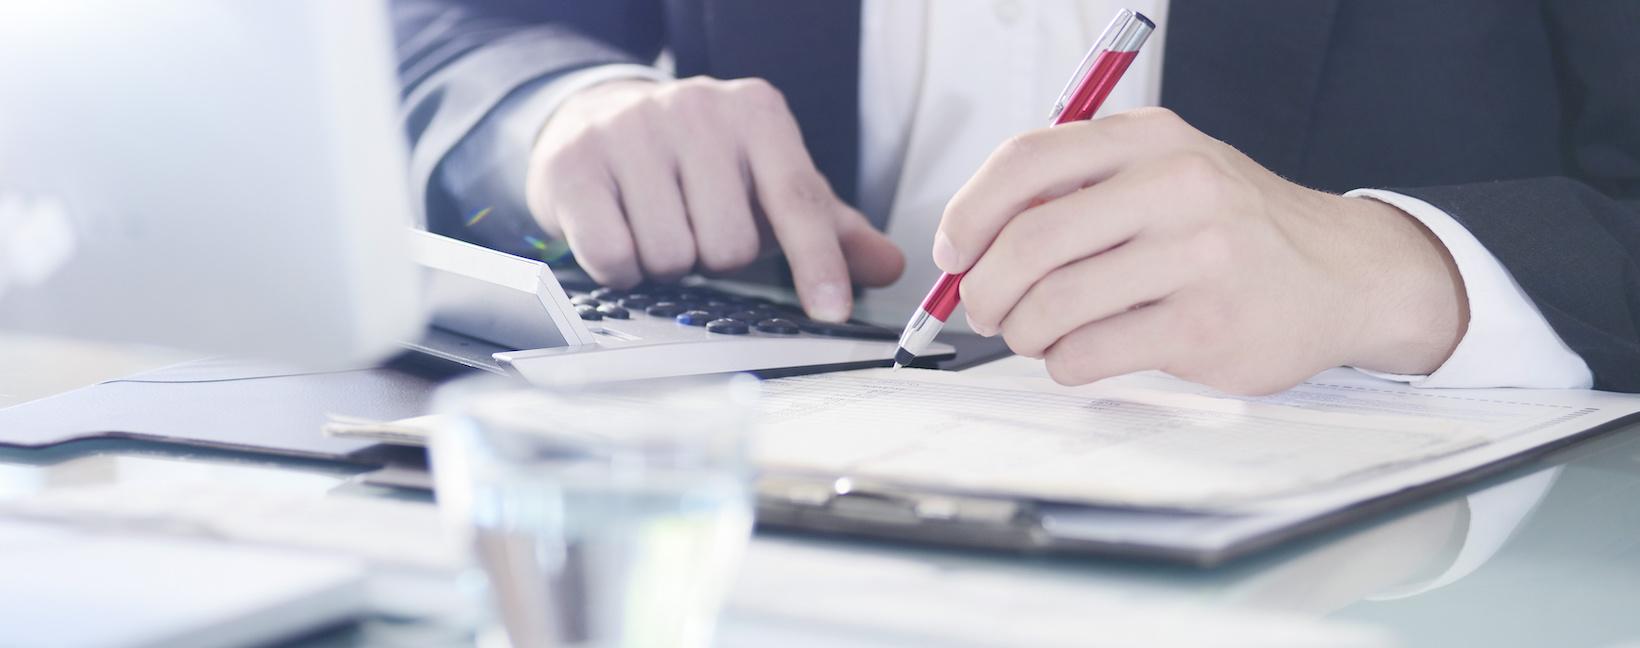 Liquiditätssicherung und Sanierung